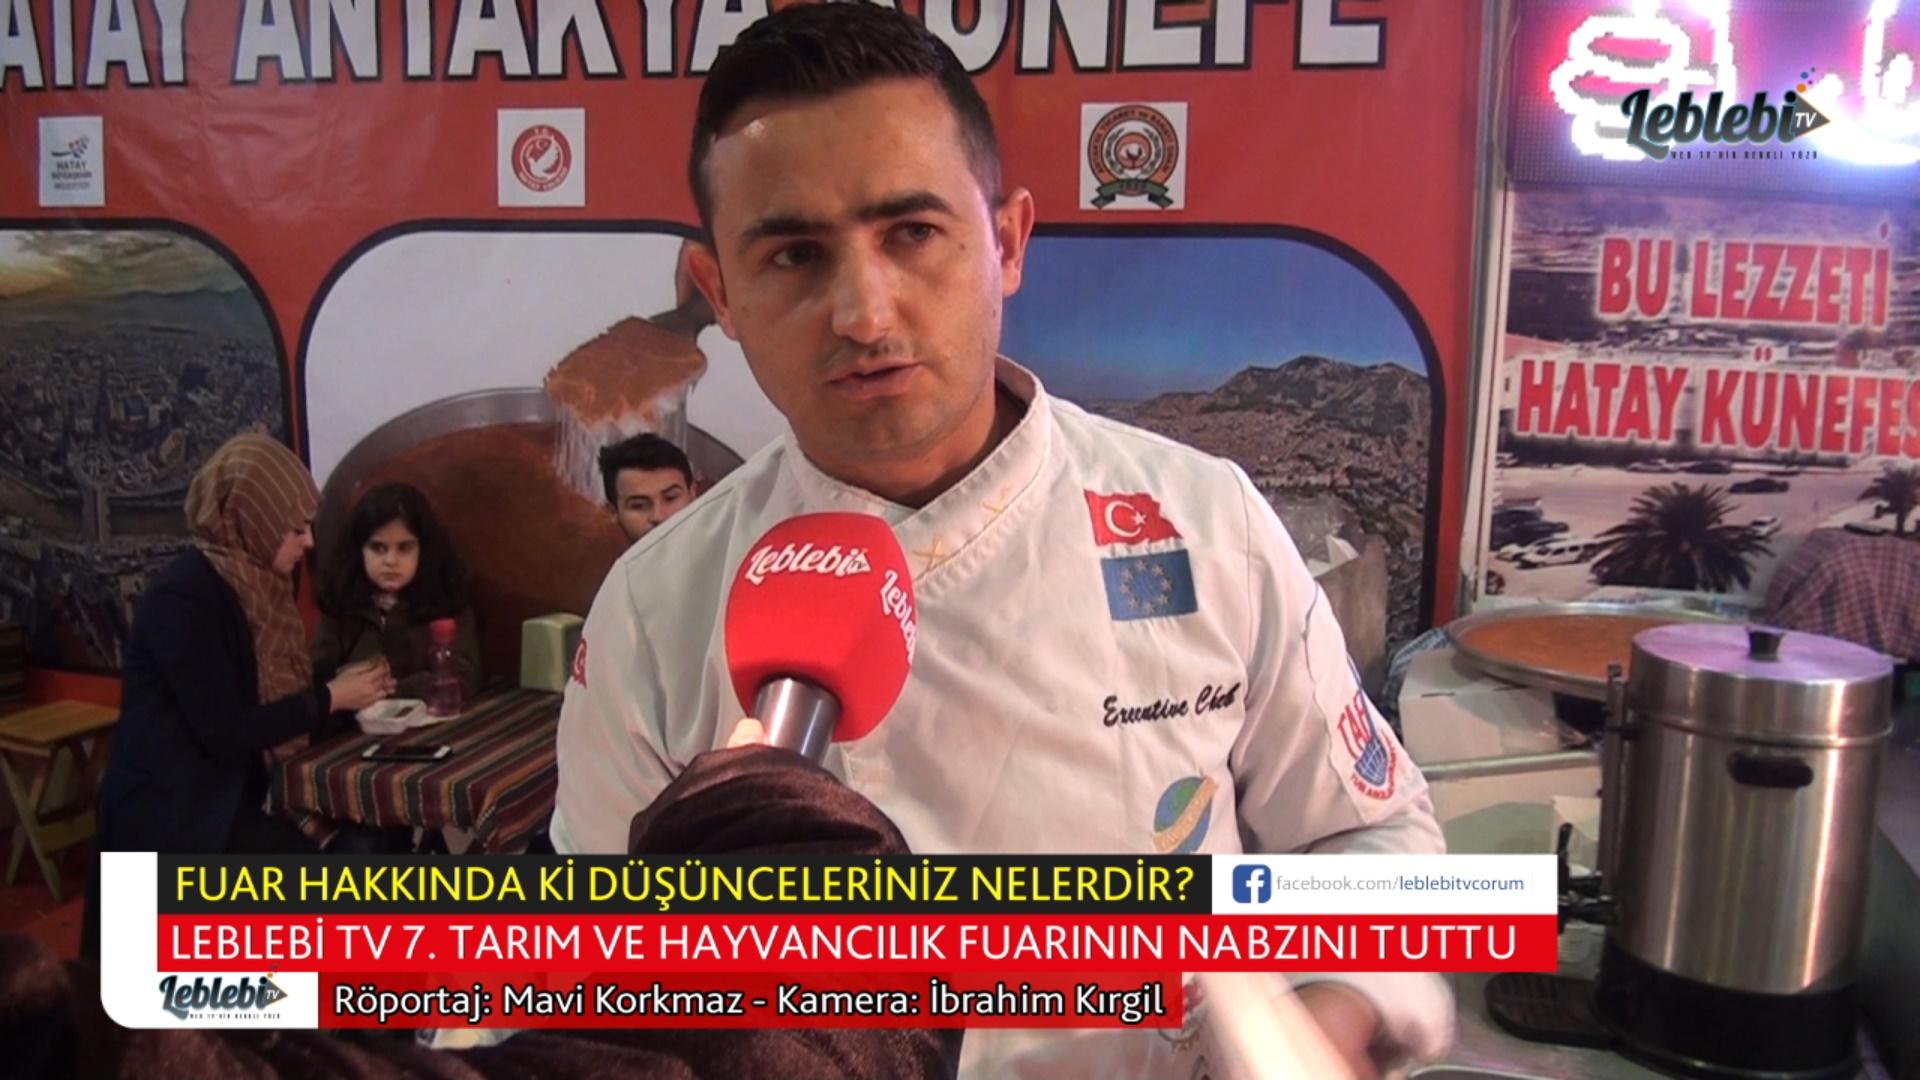 LEBLEBİ TV 7. TARIM VE HAYVANCILIK FUARININ NABZINI TUTTU